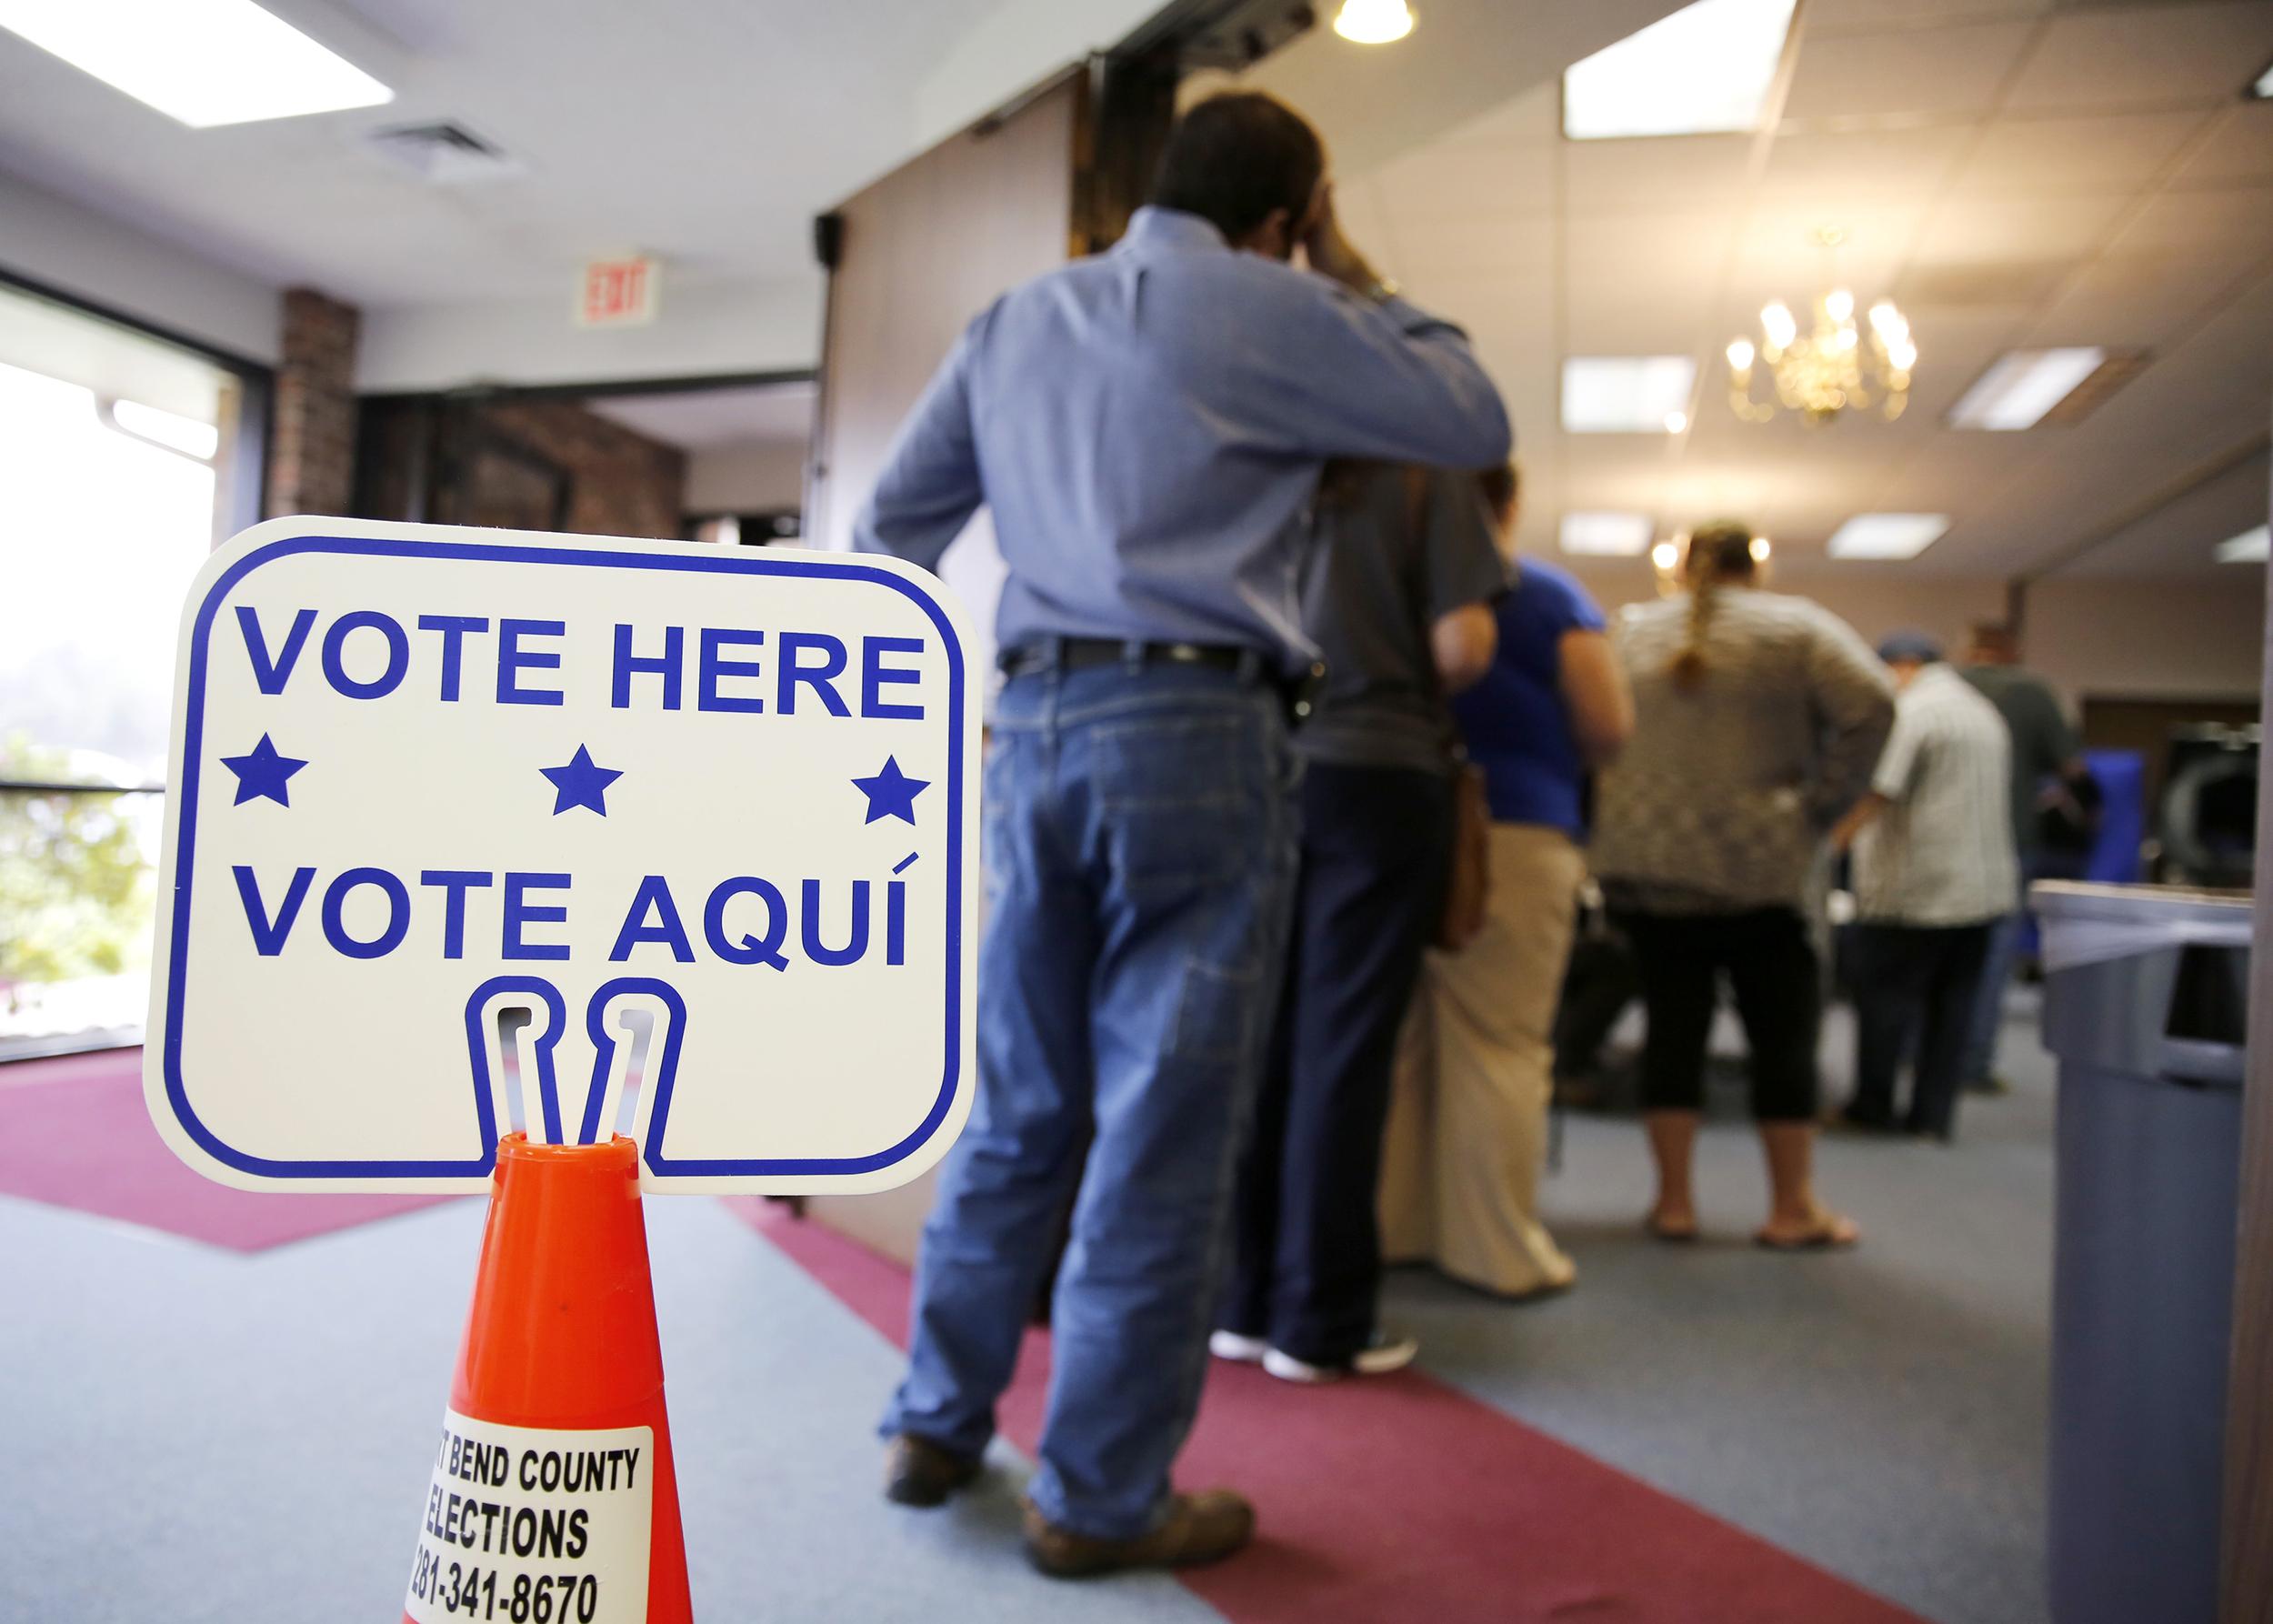 201002-texas-vote-2016-ac-700p_9cfacf4a7